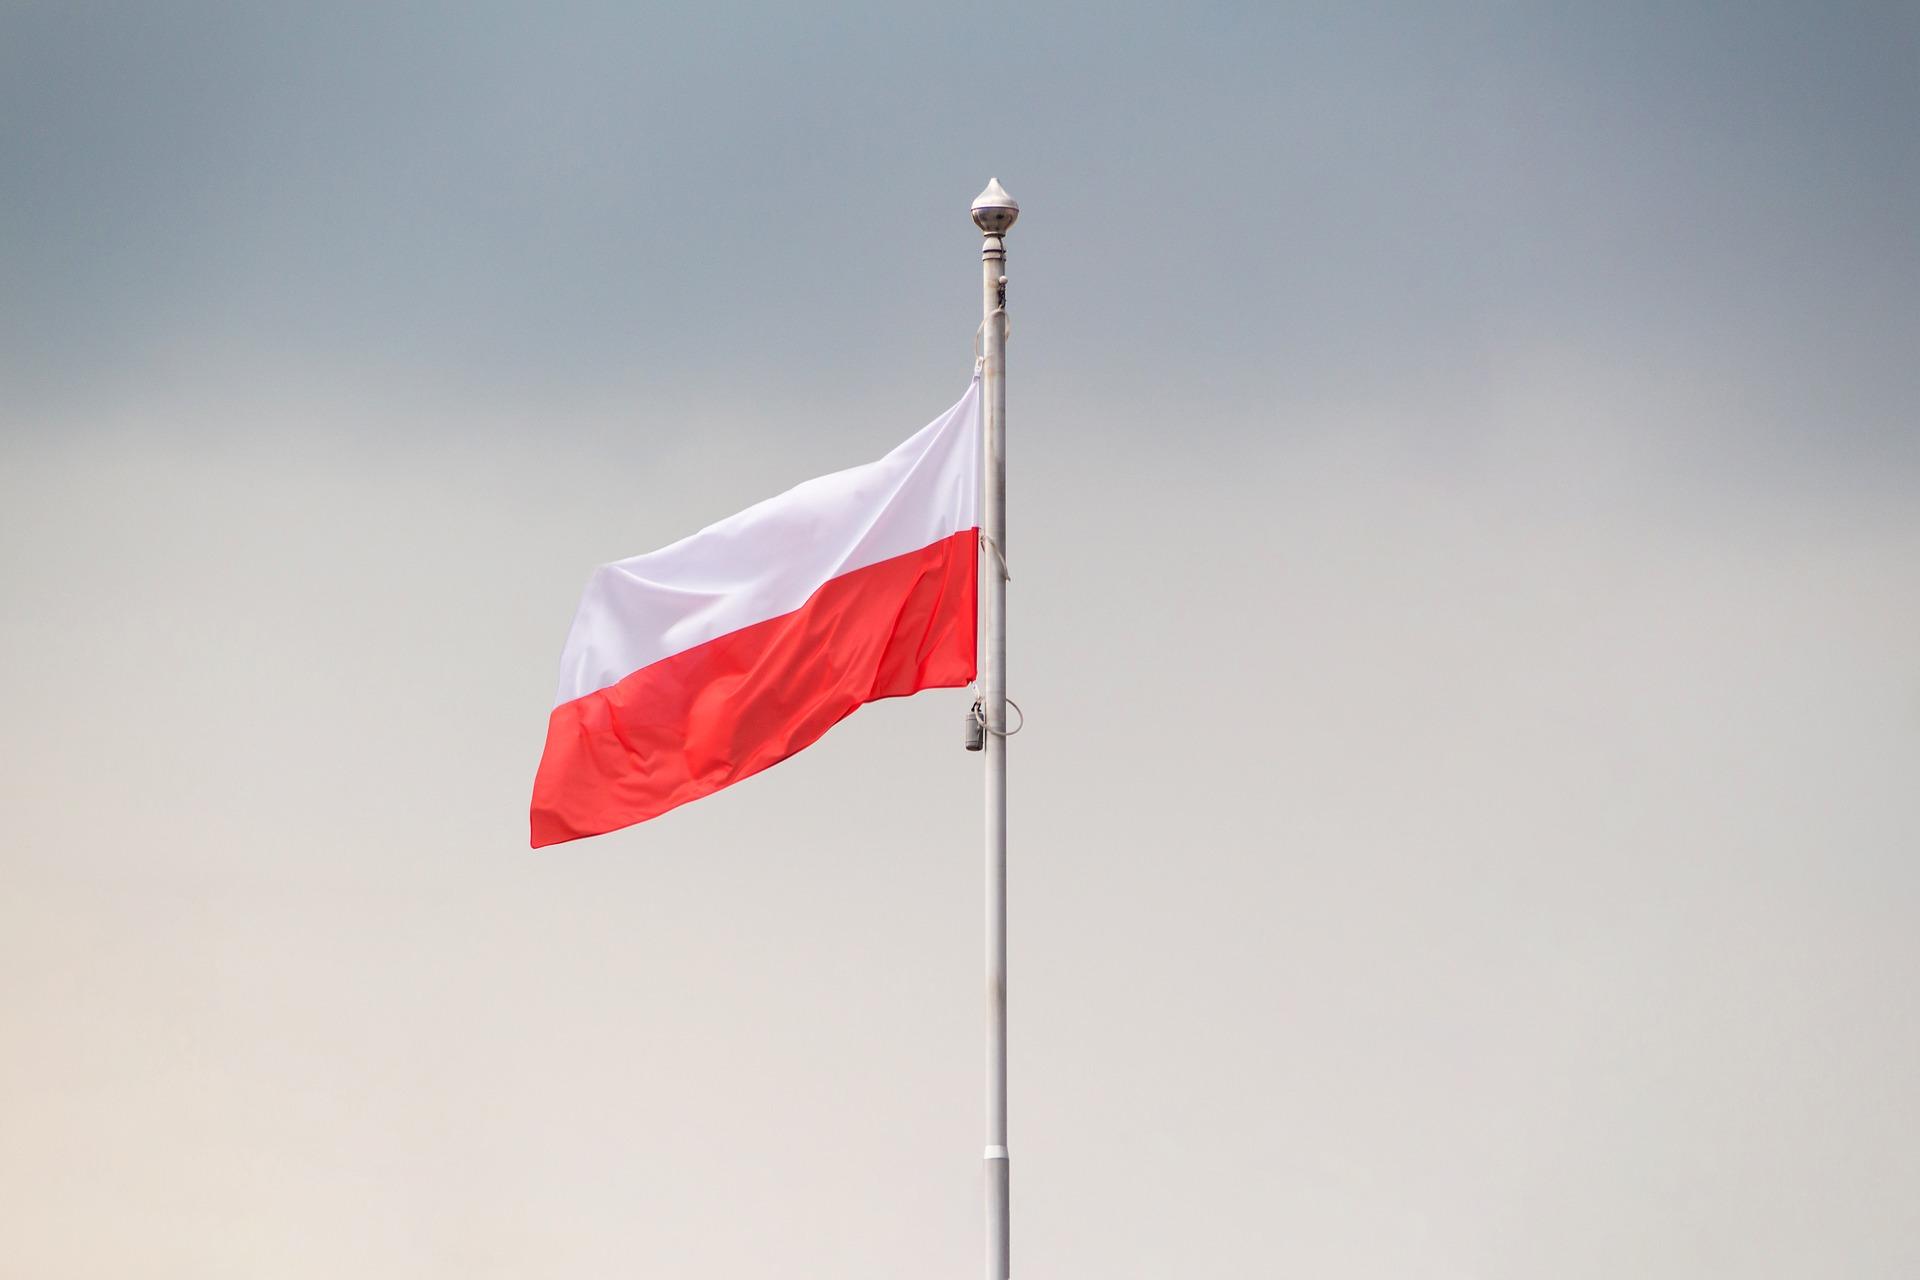 flaga na dzień niepodległości